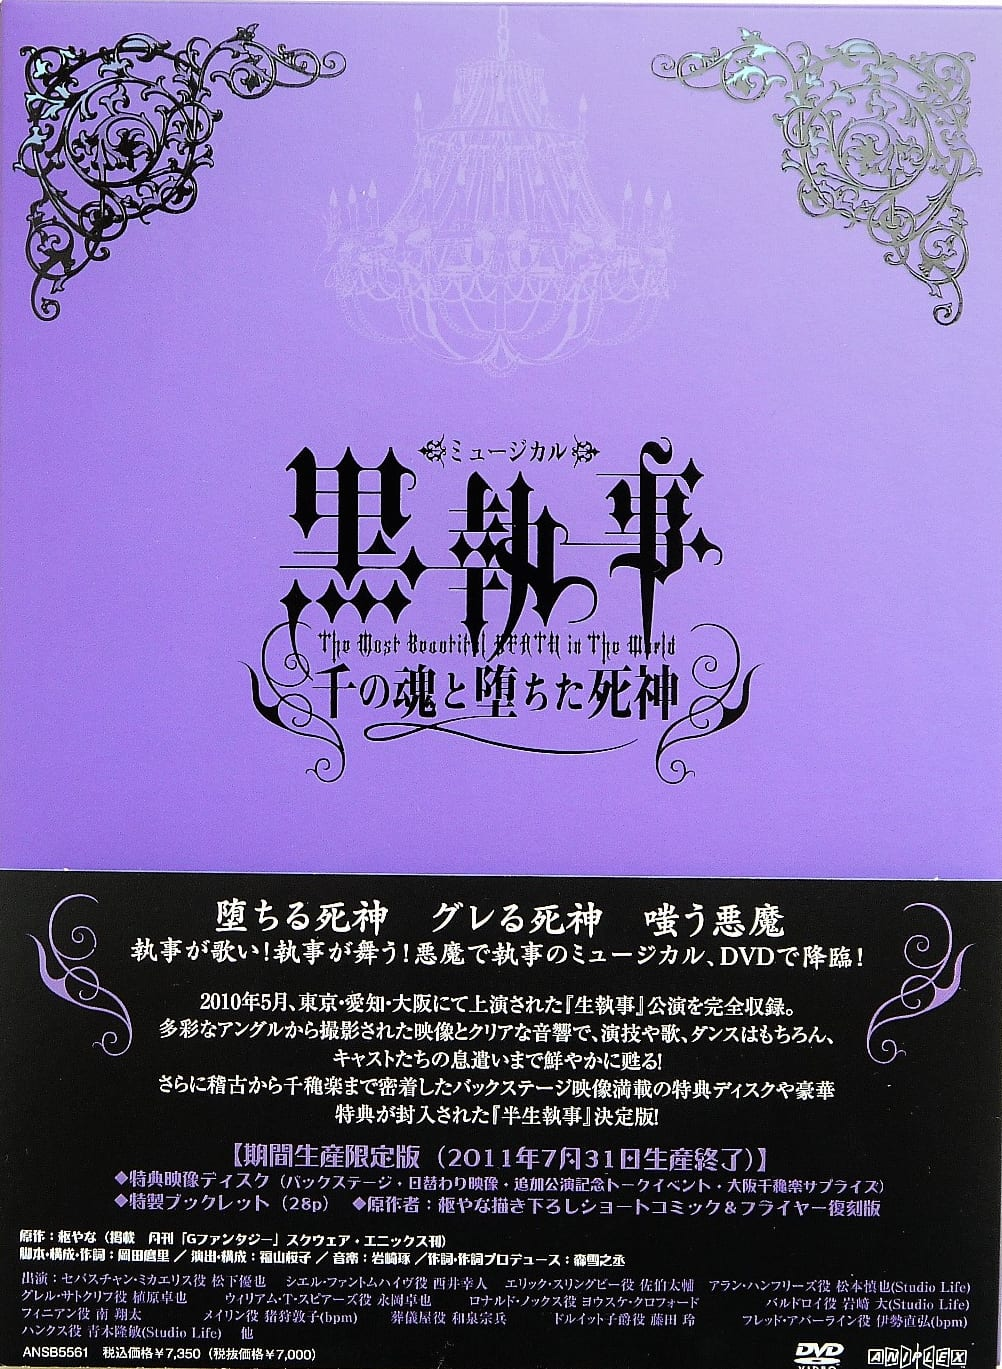 ミュージカル『黒執事』-The Most Beautiful DEATH in The World- 千の魂と堕ちた死神-サムネ